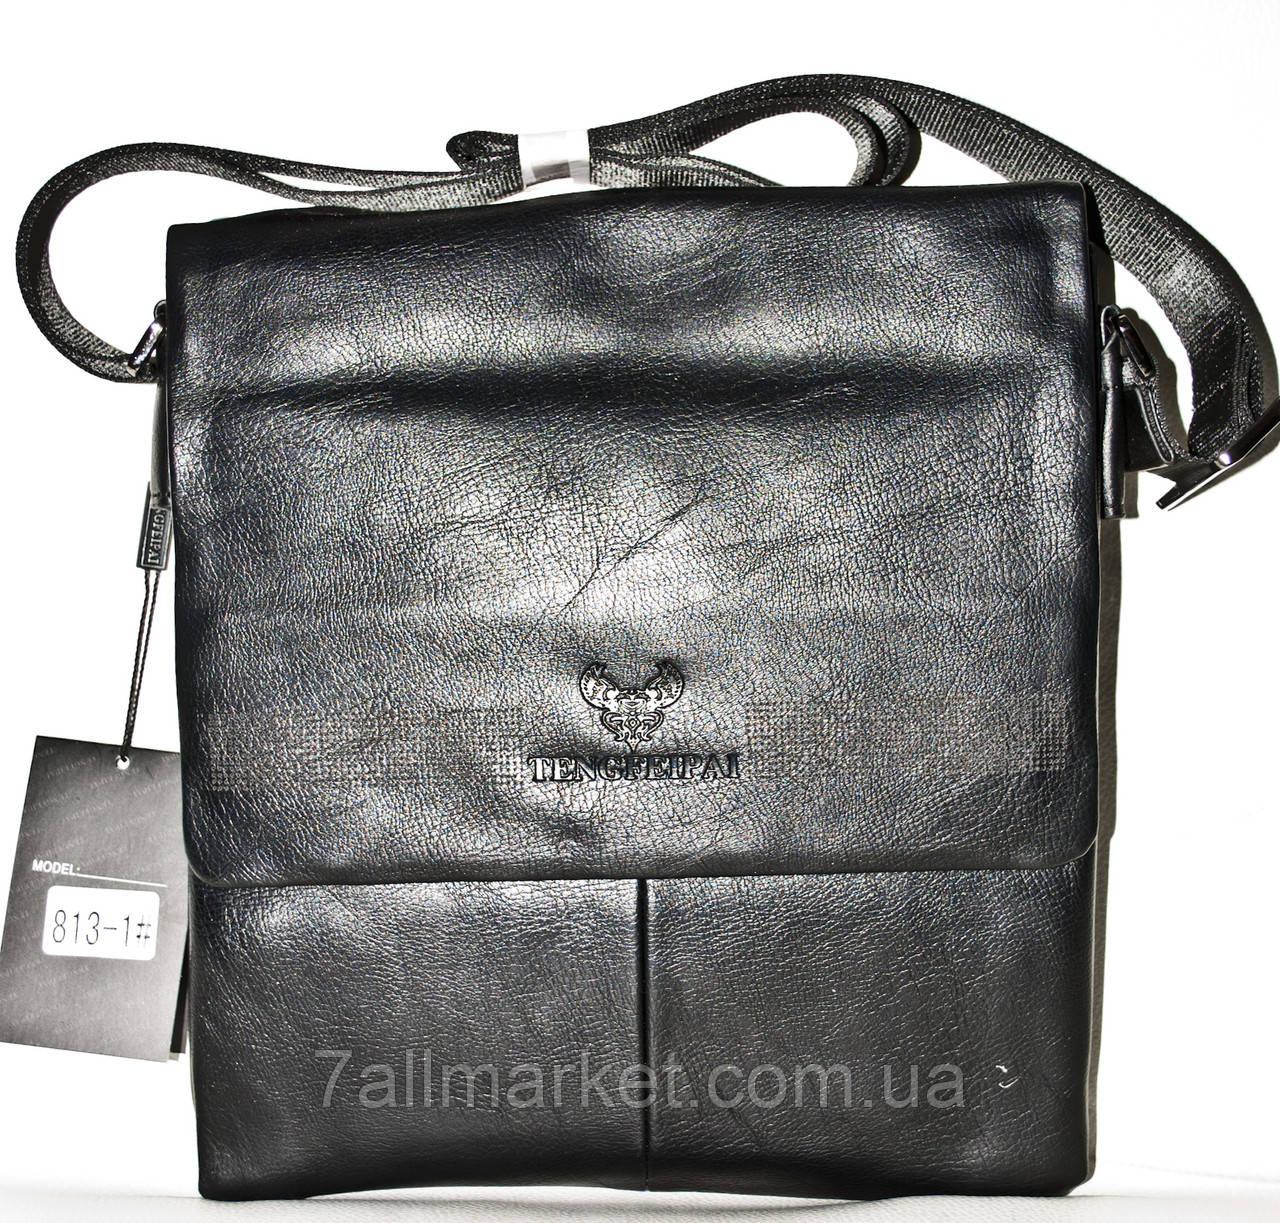 f0df5cb34ffa Сумка-планшетка мужская стильная кожзам (25*28 см), 1 цвета Серии ...